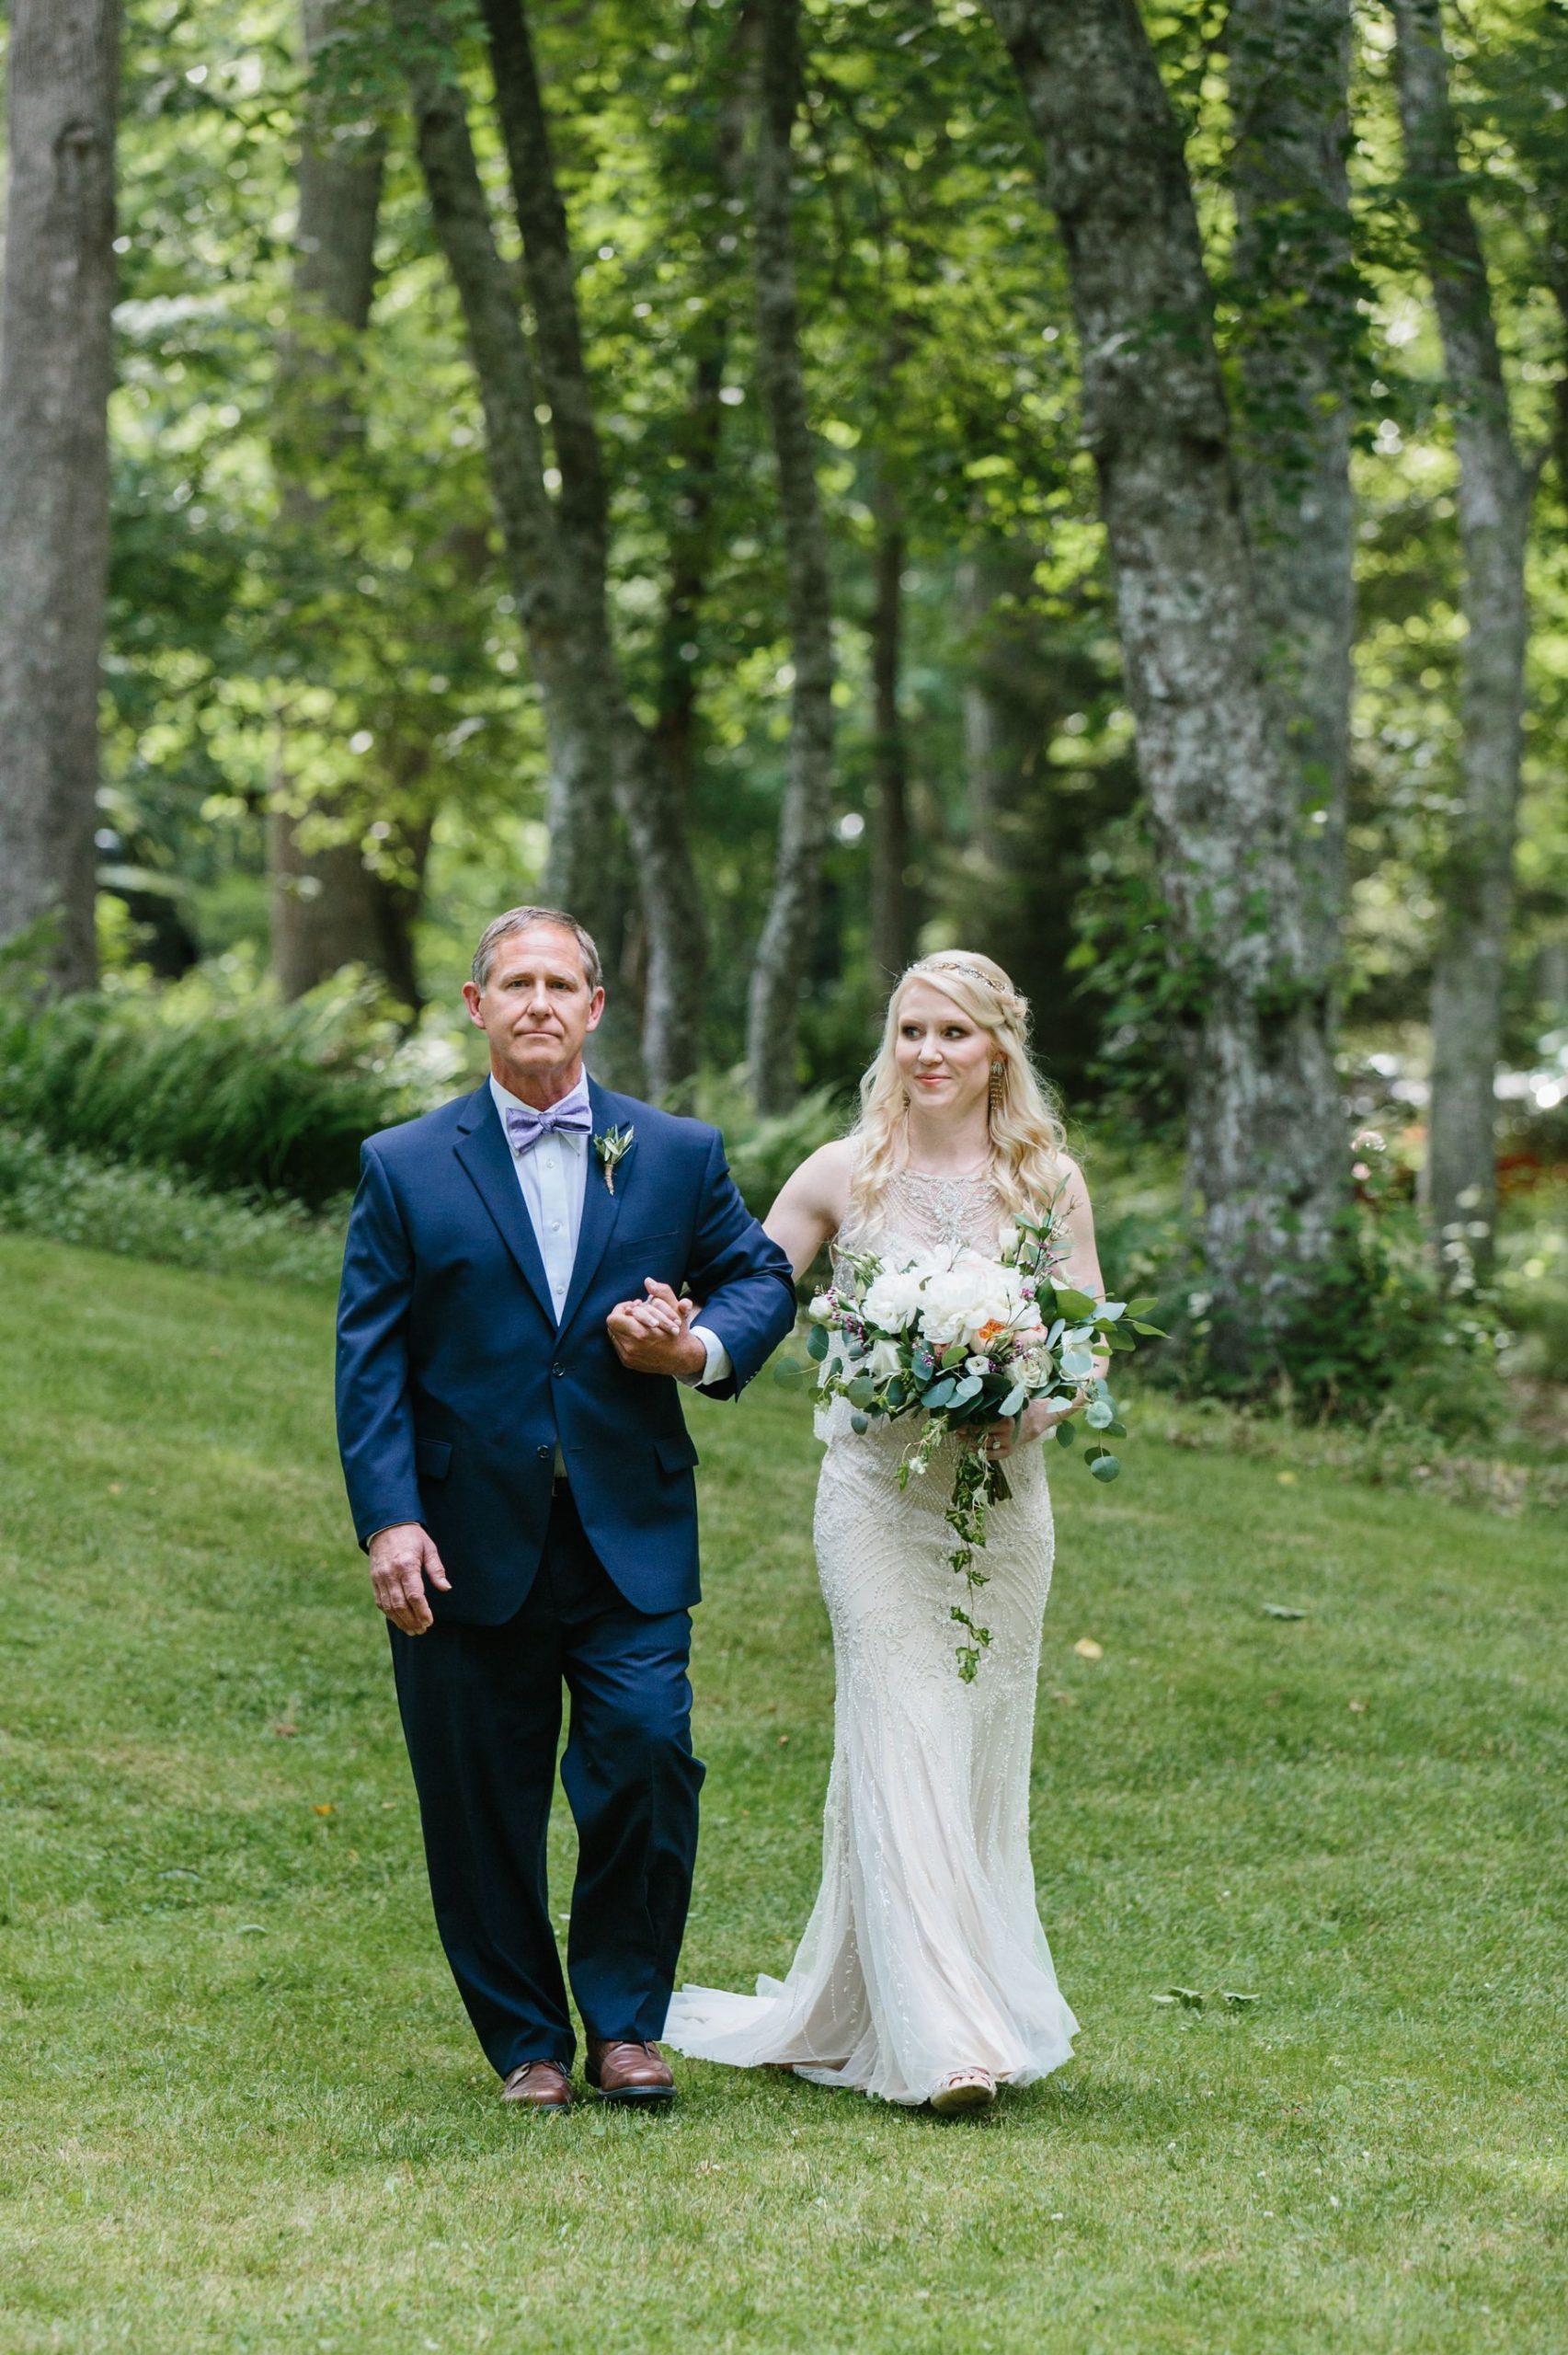 wedding ceremony backyard